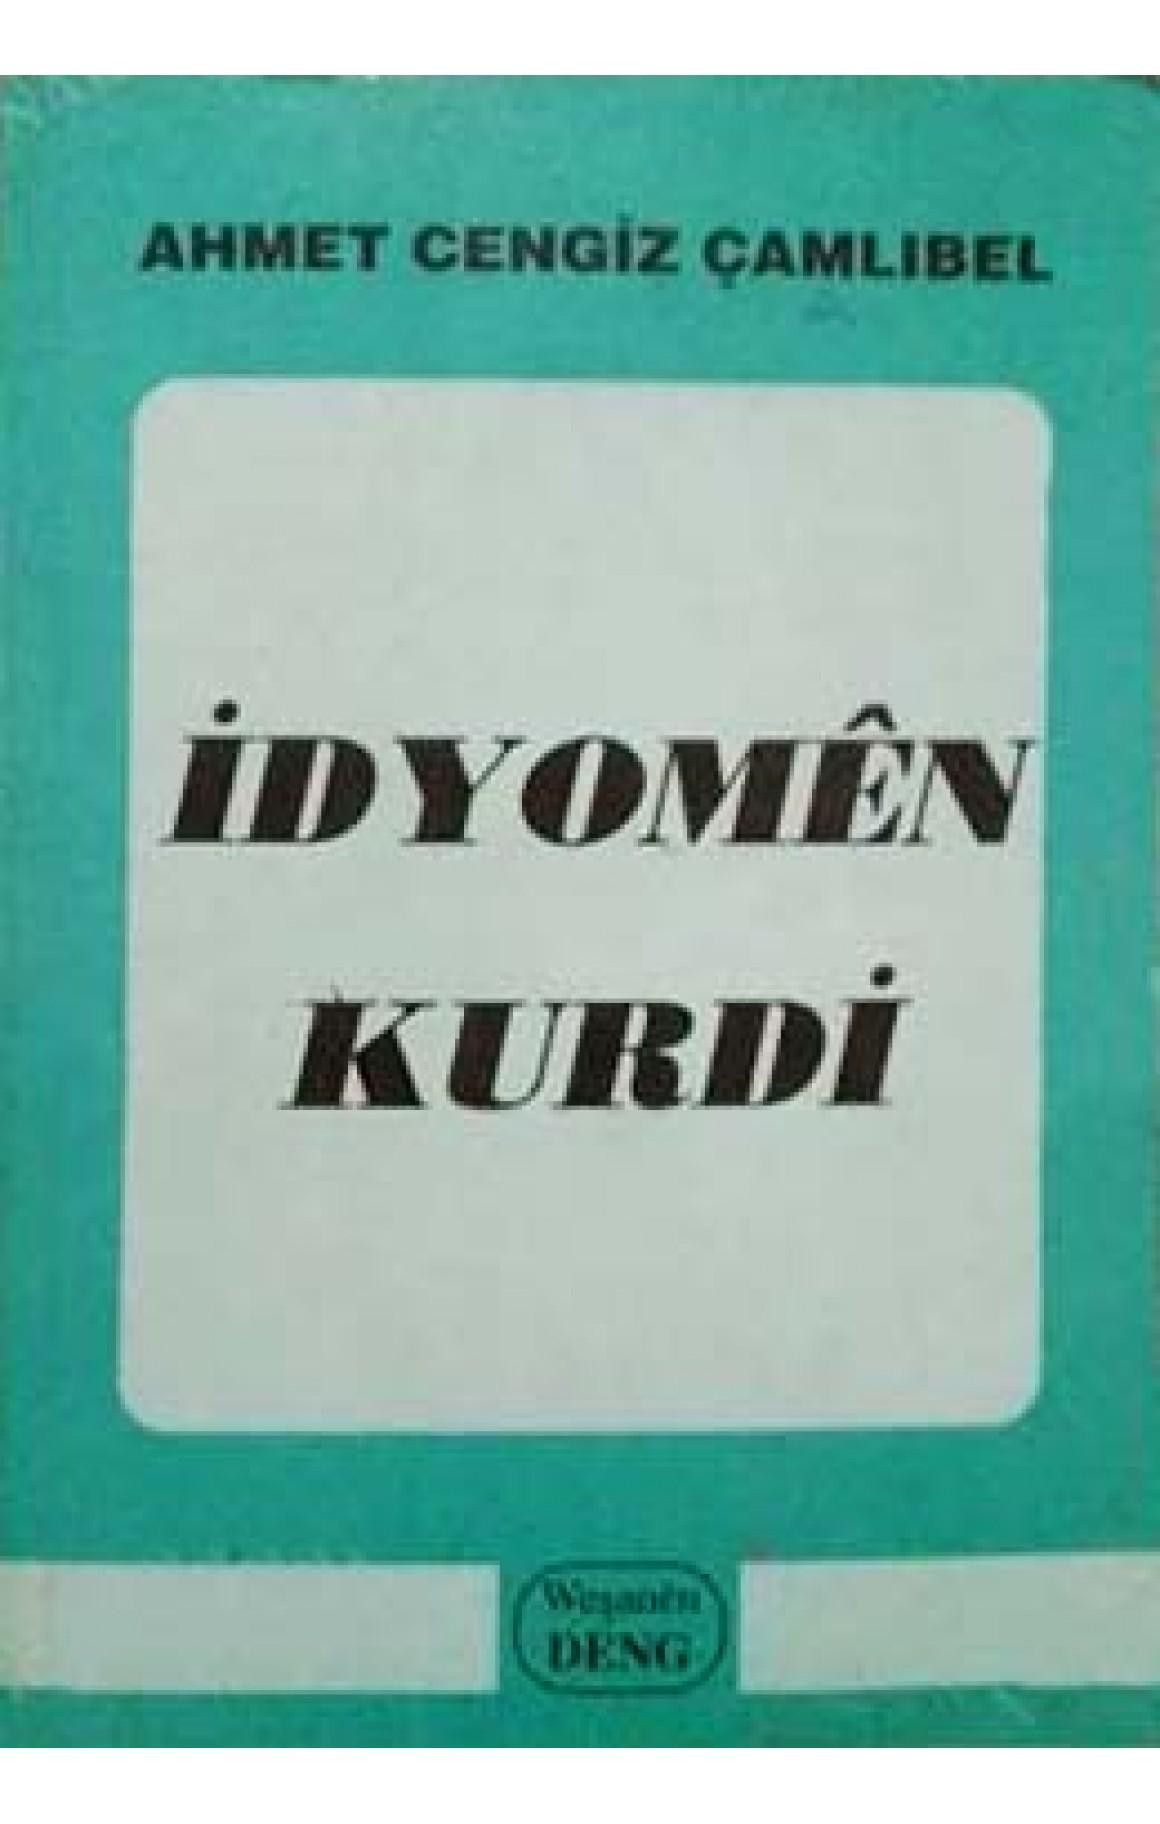 Îdyomên Kurdî